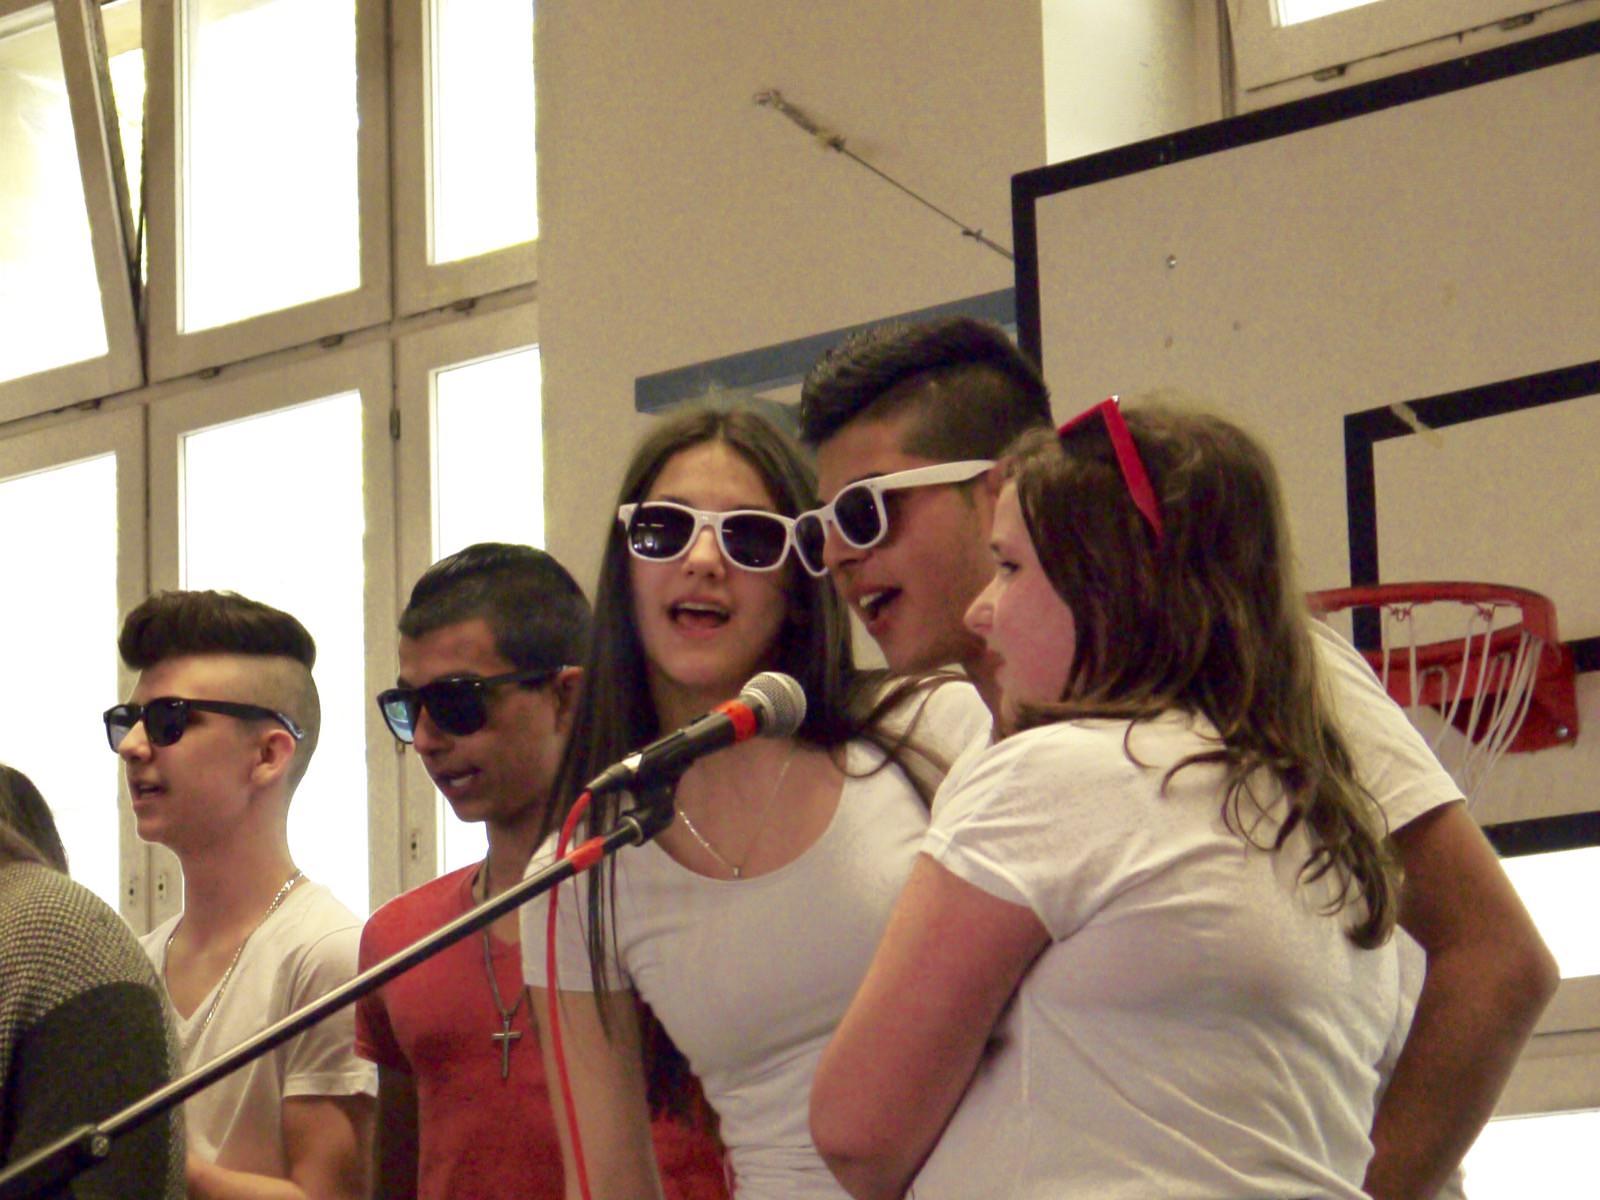 Musik funktioniert bei den Vorbereitungsklassen als universelle Sprache, mit der sich die Neuankömmlinge nicht nur beim Schulfest Gehör verschaffen | Foto: M. Schülke